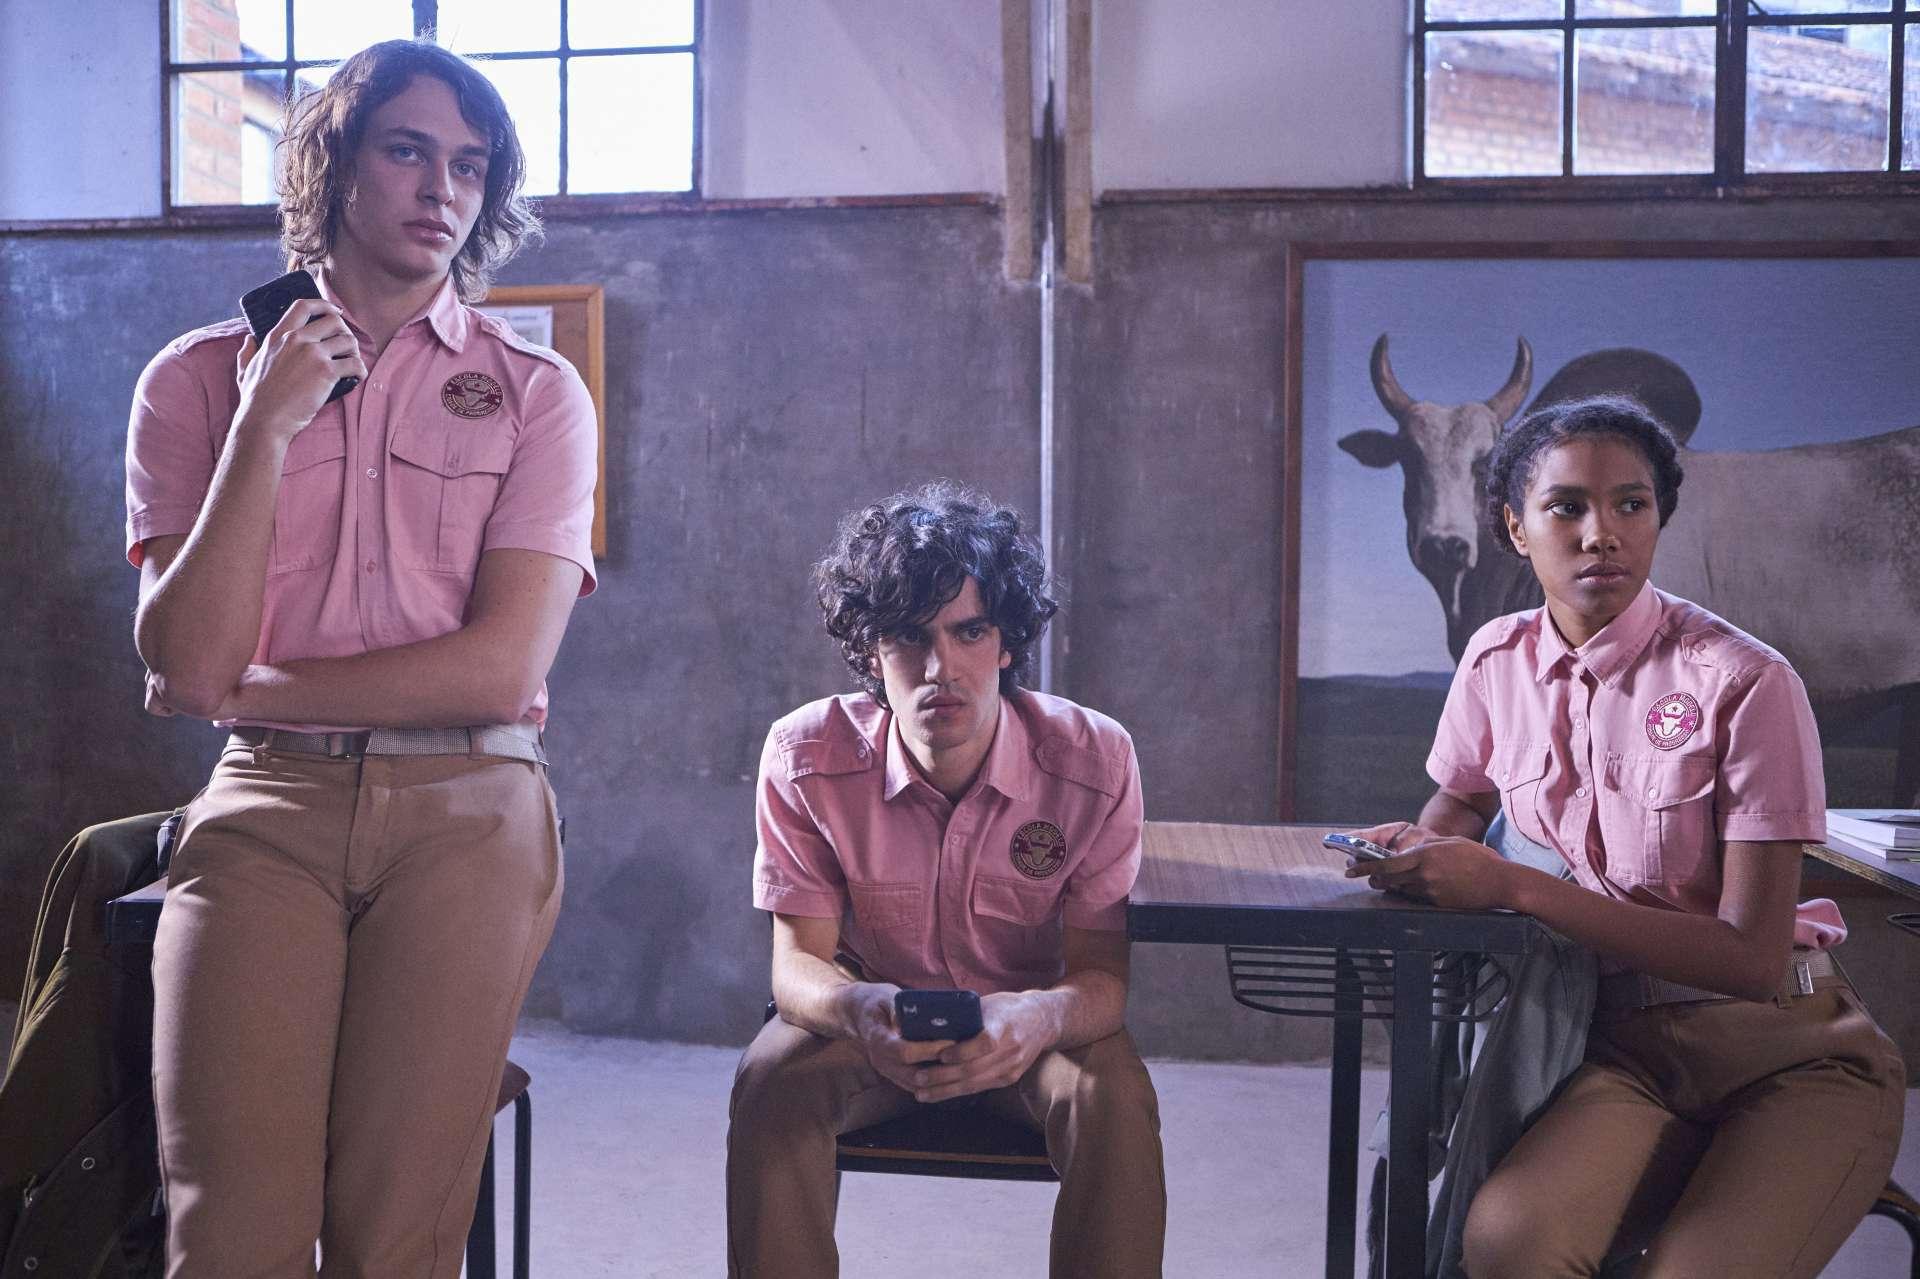 Chico (Michel Joelsas), Alex (Caio Horowicz) e Fran (Iza Moreira) estão no centro da trama (Foto: VANS BUMBEERS / DIVULGAÇÃO)